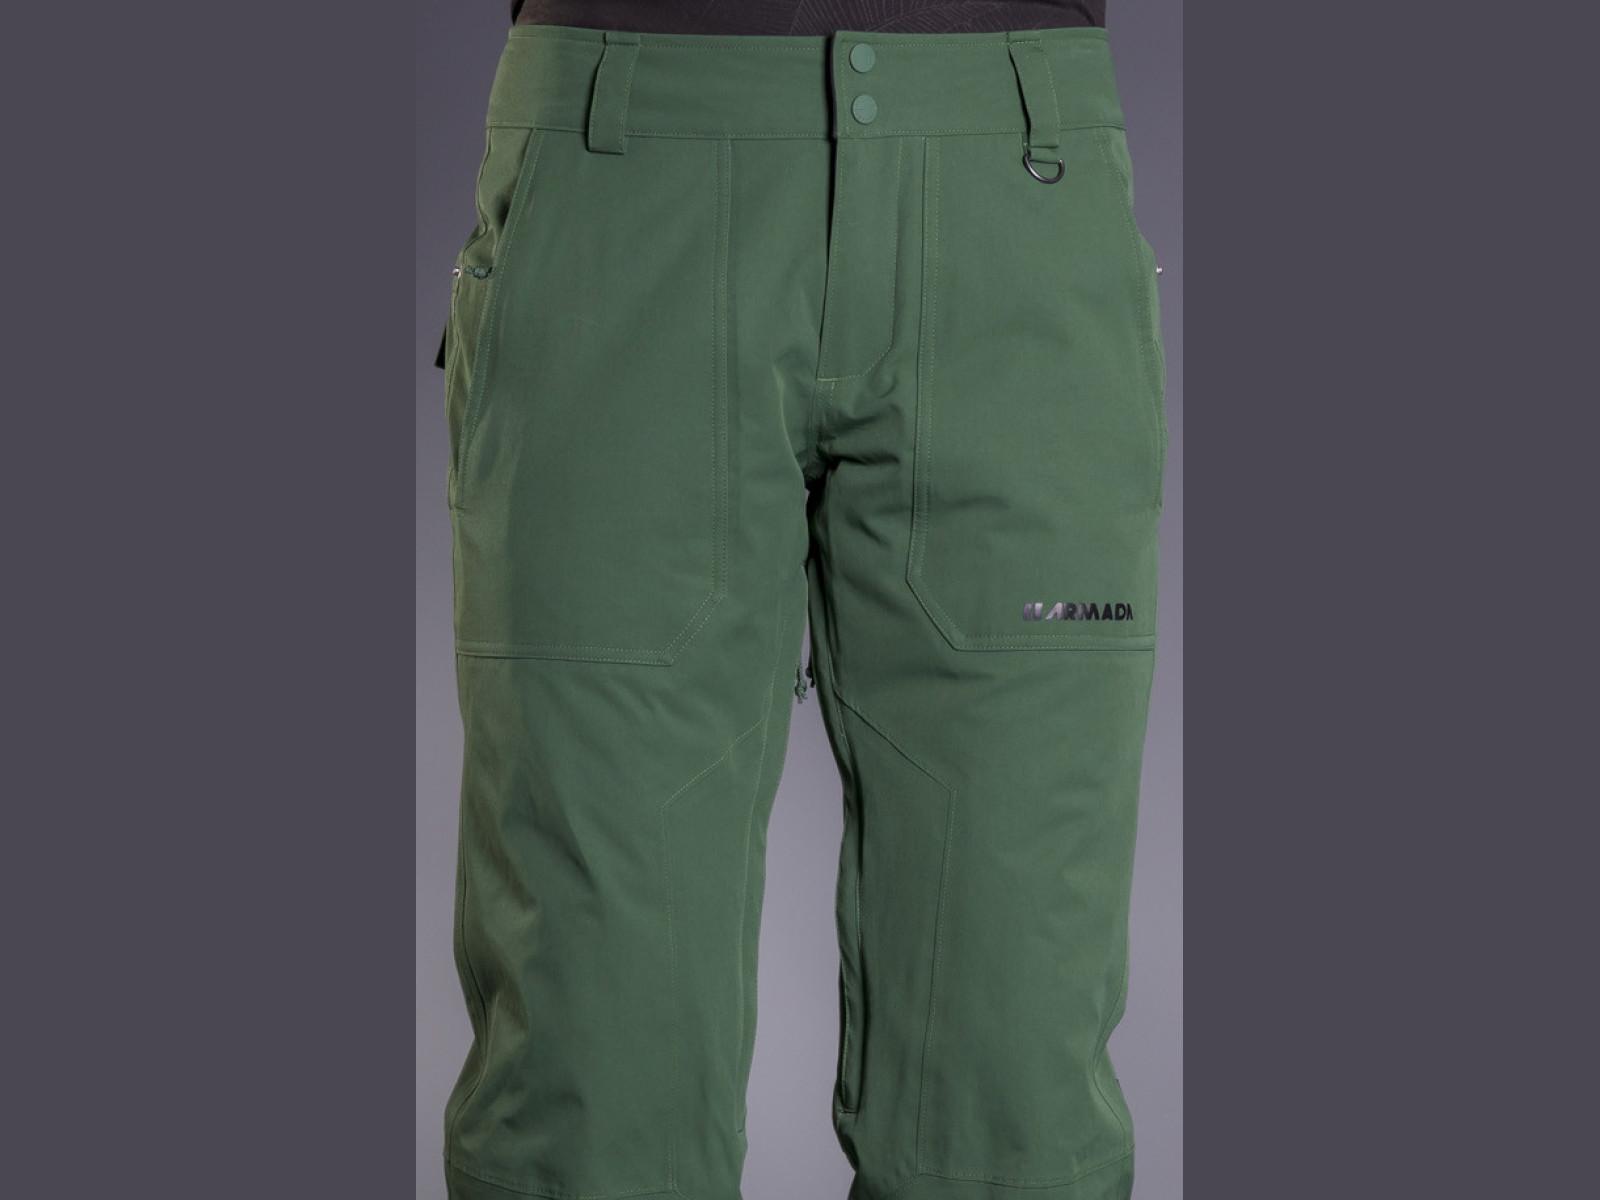 Armada Lenox Insulated Pant - forest green Veľkosť oblečenia: S.